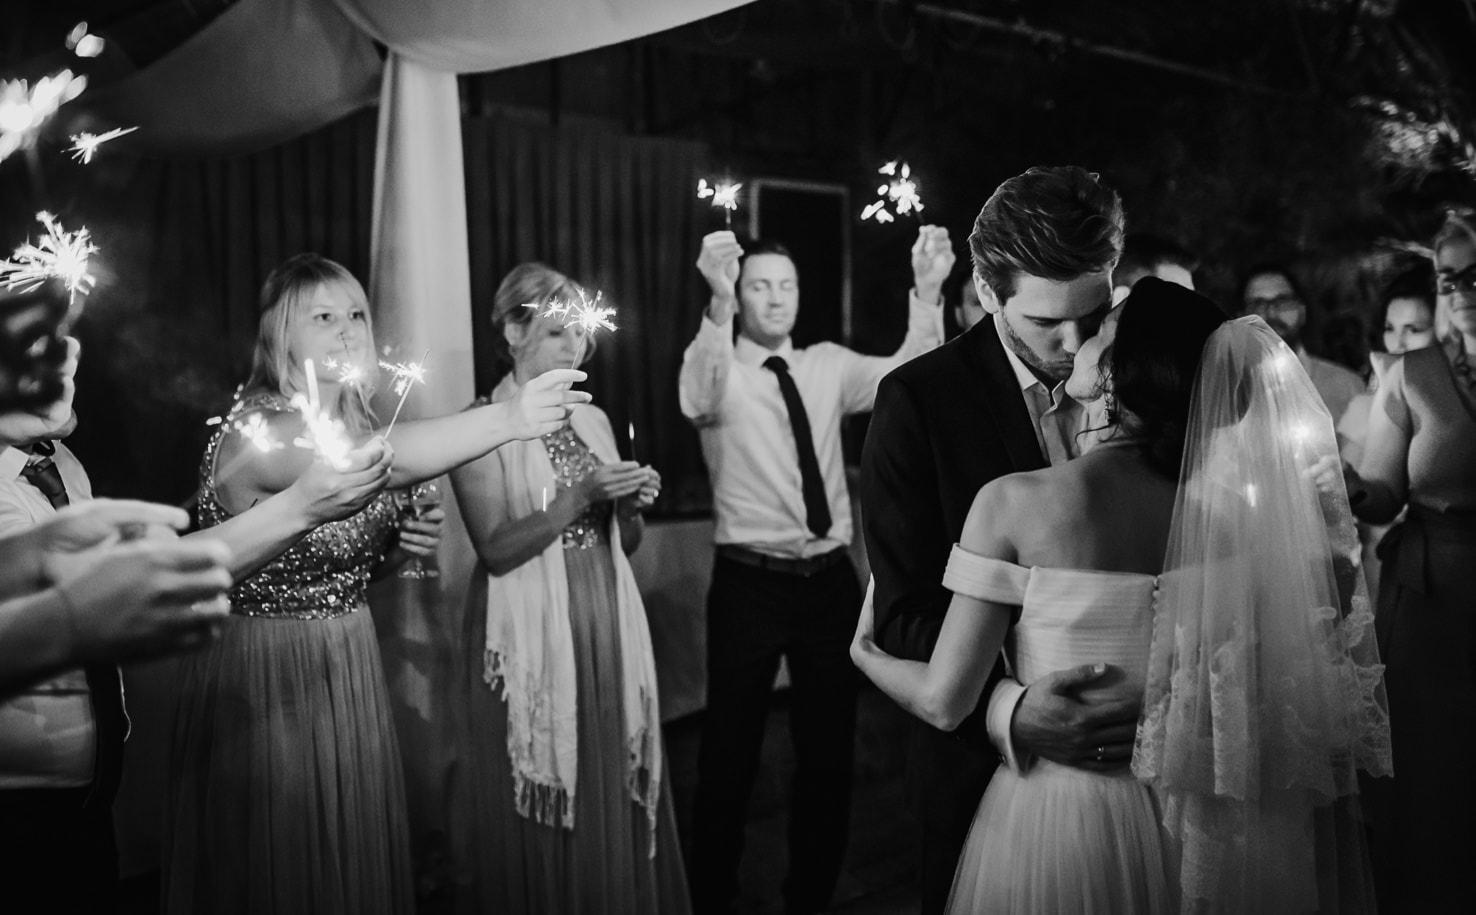 Professionelle Hochzeitsfotos in der Alten Gärtnerei bei Regen von Mica Zeitz, Jung und Wild design bei München, Pfaffenhofen, Ingolstadt